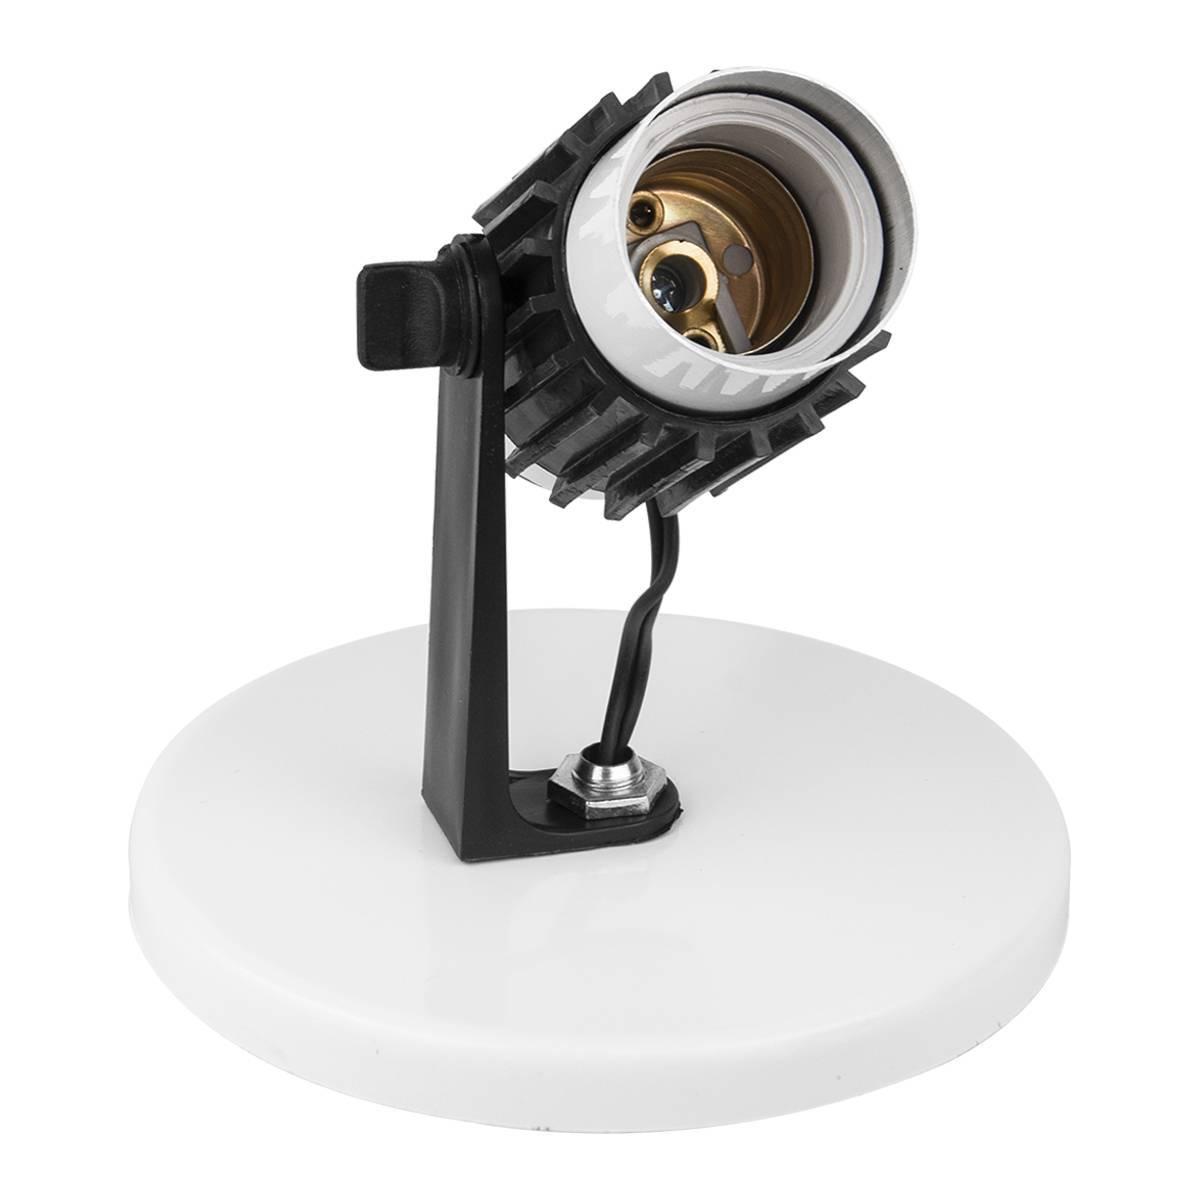 Spot Sobrepor Alumínio Para 1 Lâmpada 60w E27 Enerlux - LCGELETRO